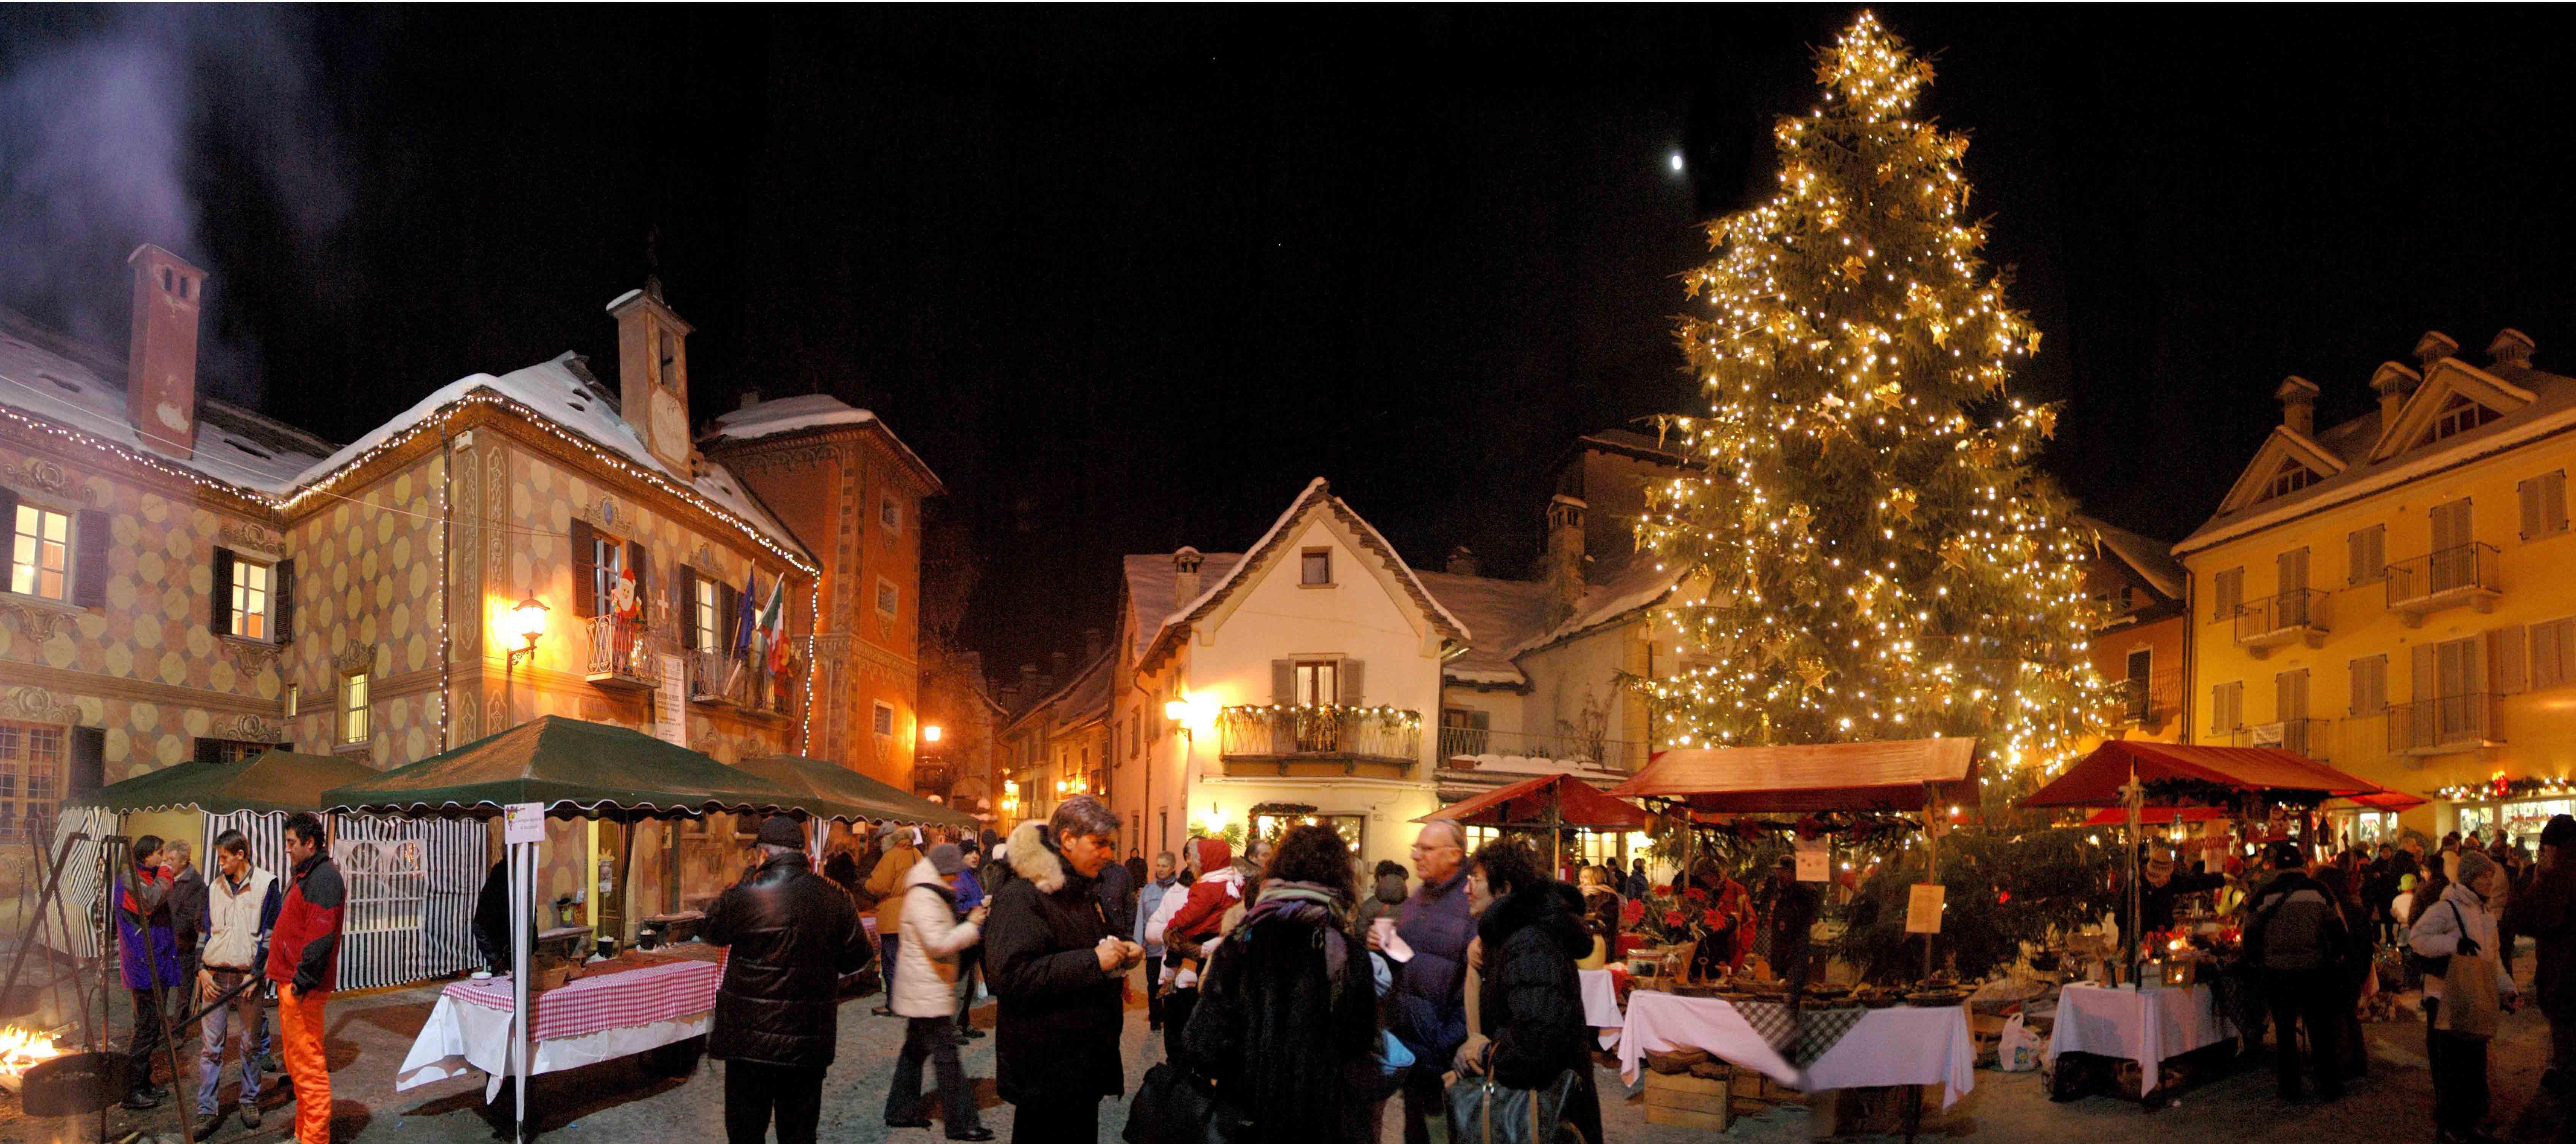 Mercatini Di Natale Piemonte.Mercatini Di Natale Di Santa Maria Maggiore 2013 In Piemonte